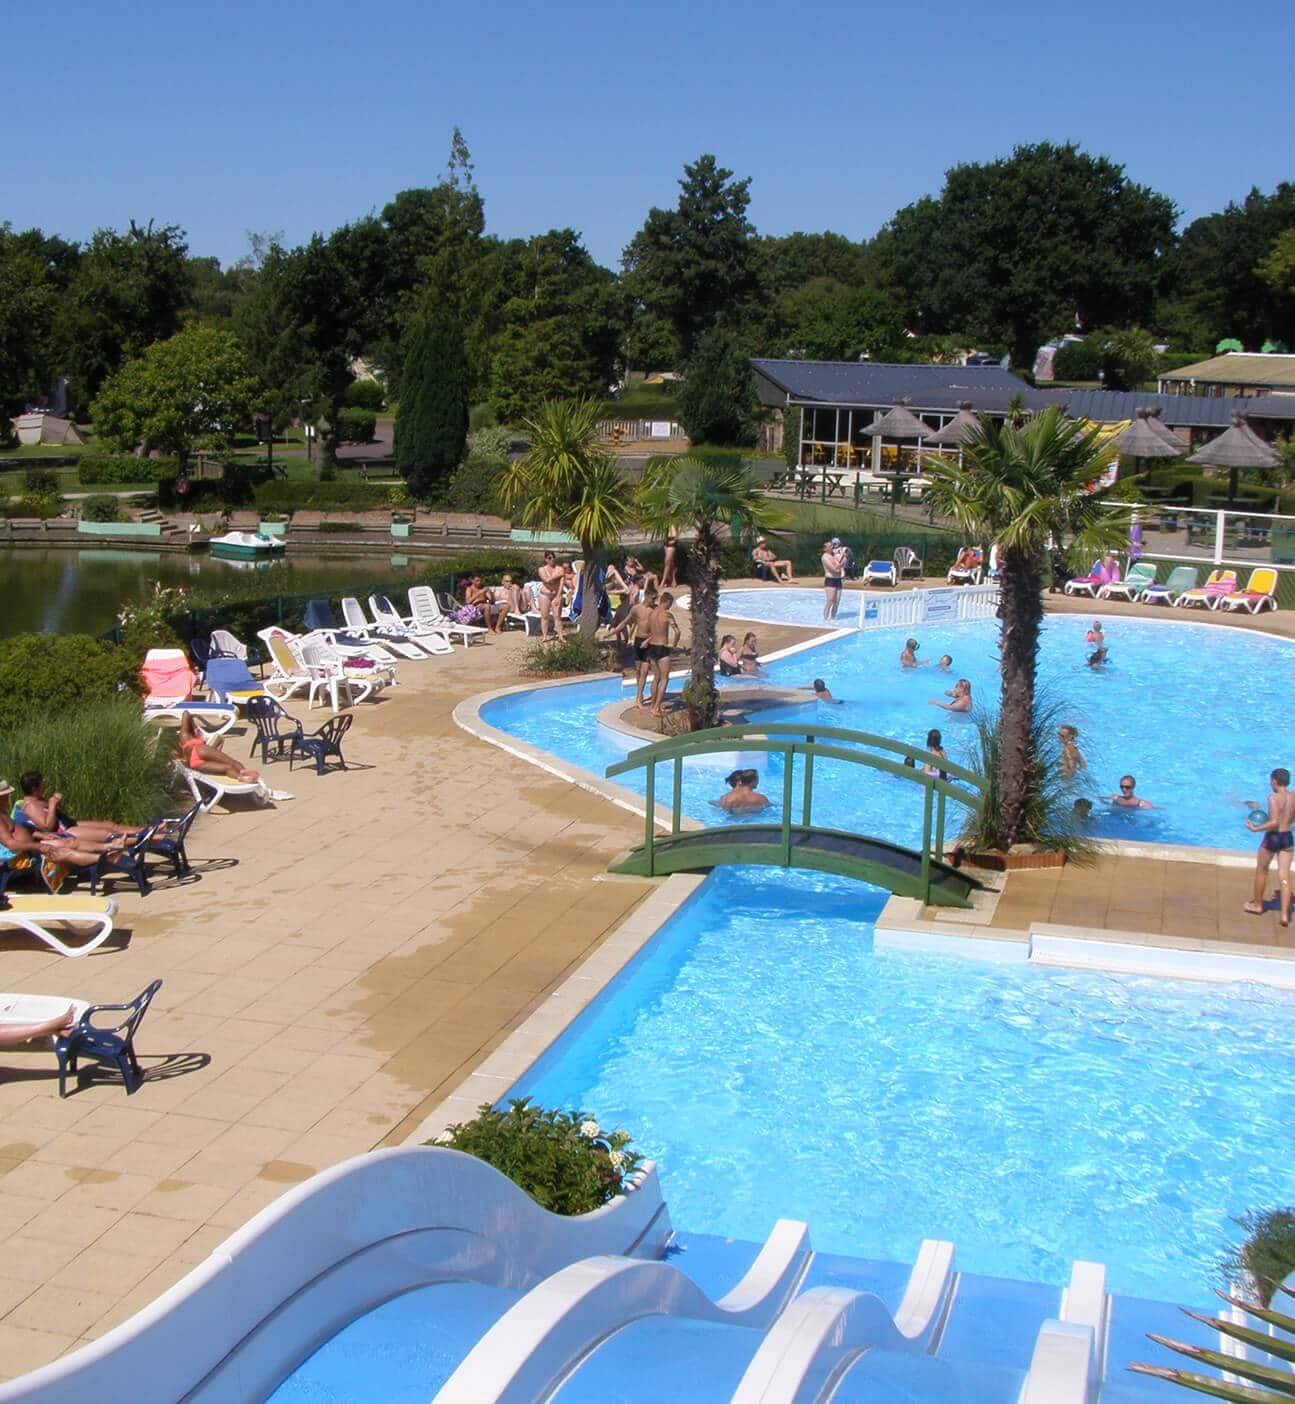 L'Etang des Haizes 01 - Espace piscine vacances